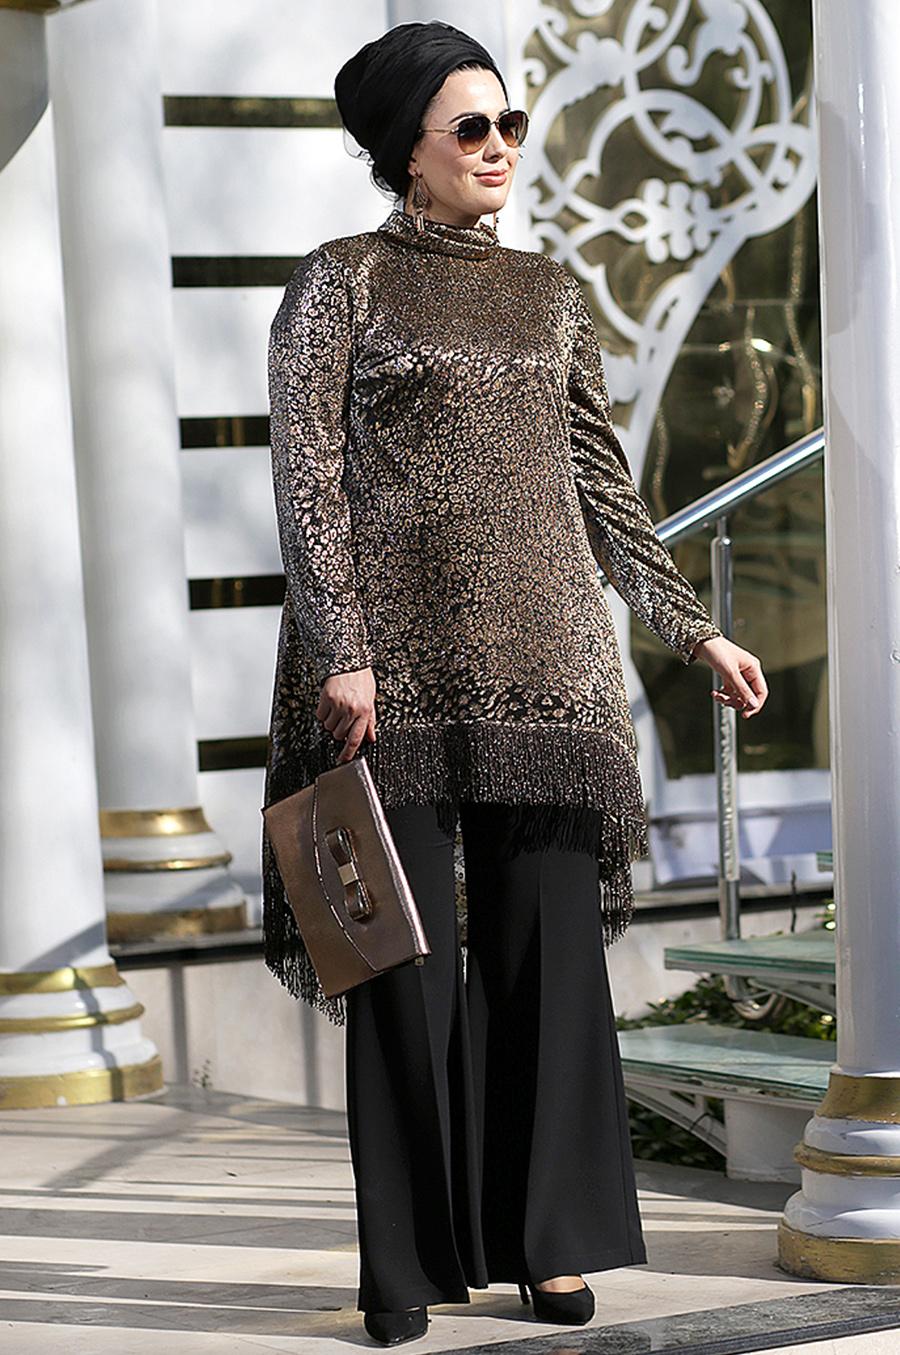 مدل لباس تونیک سایز بزرگ